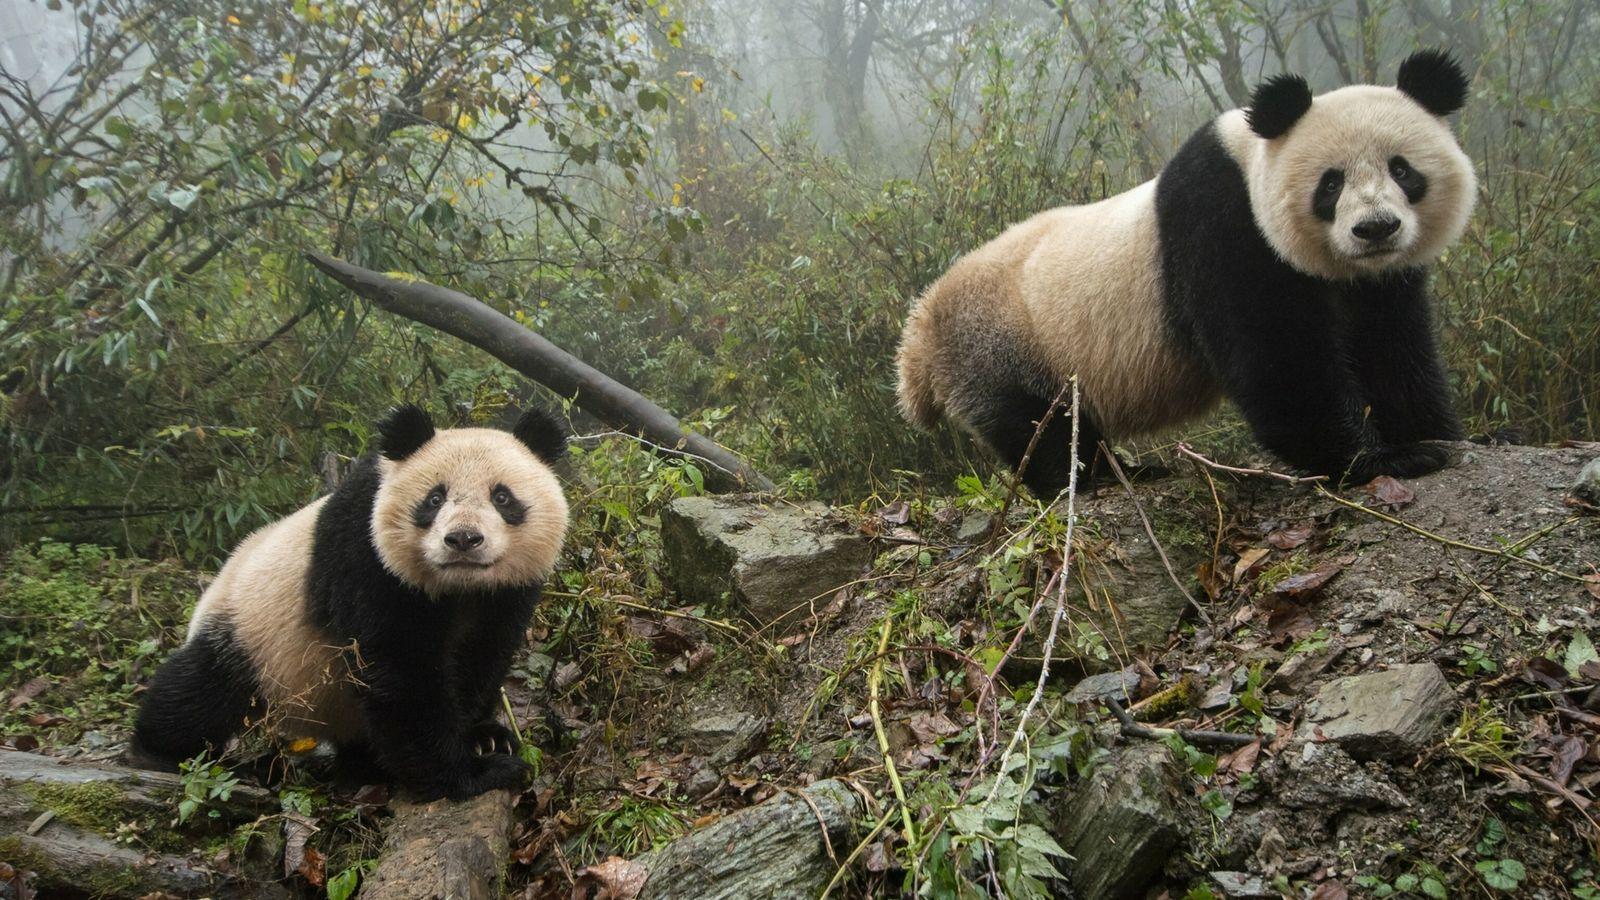 Les pandas géants ne seraient plus en danger d'extinction